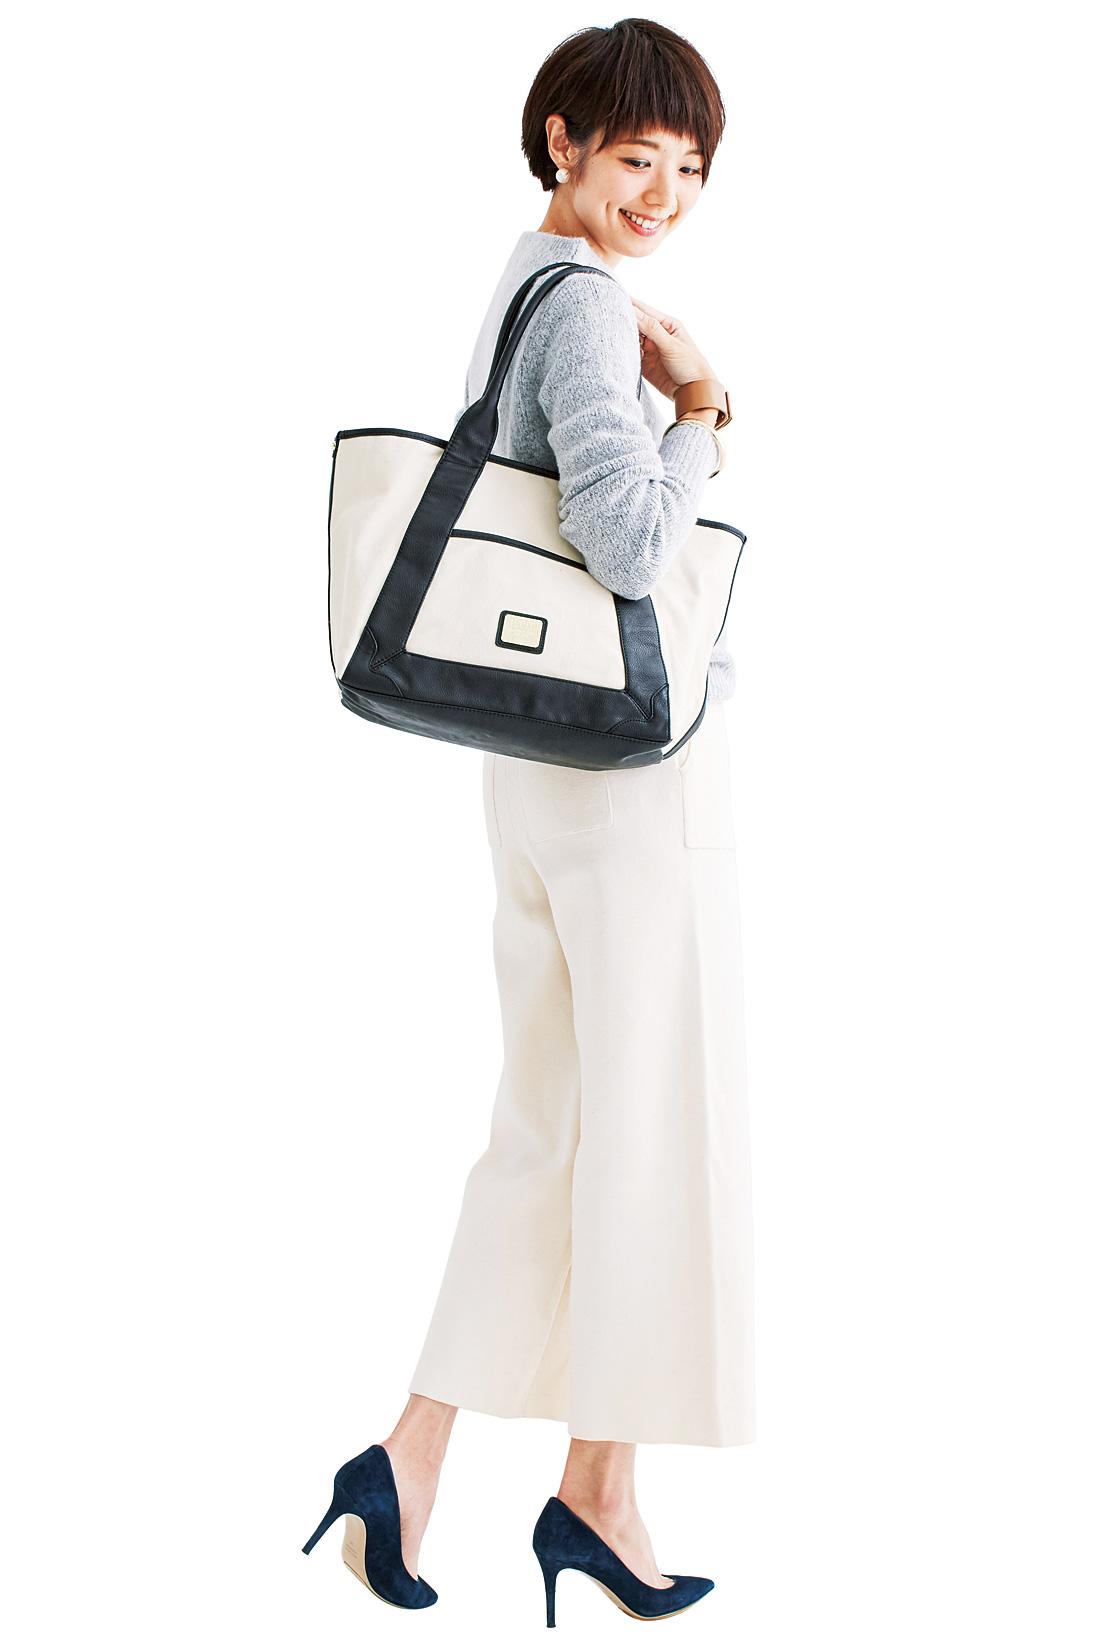 ※バッグの使用イメージです。